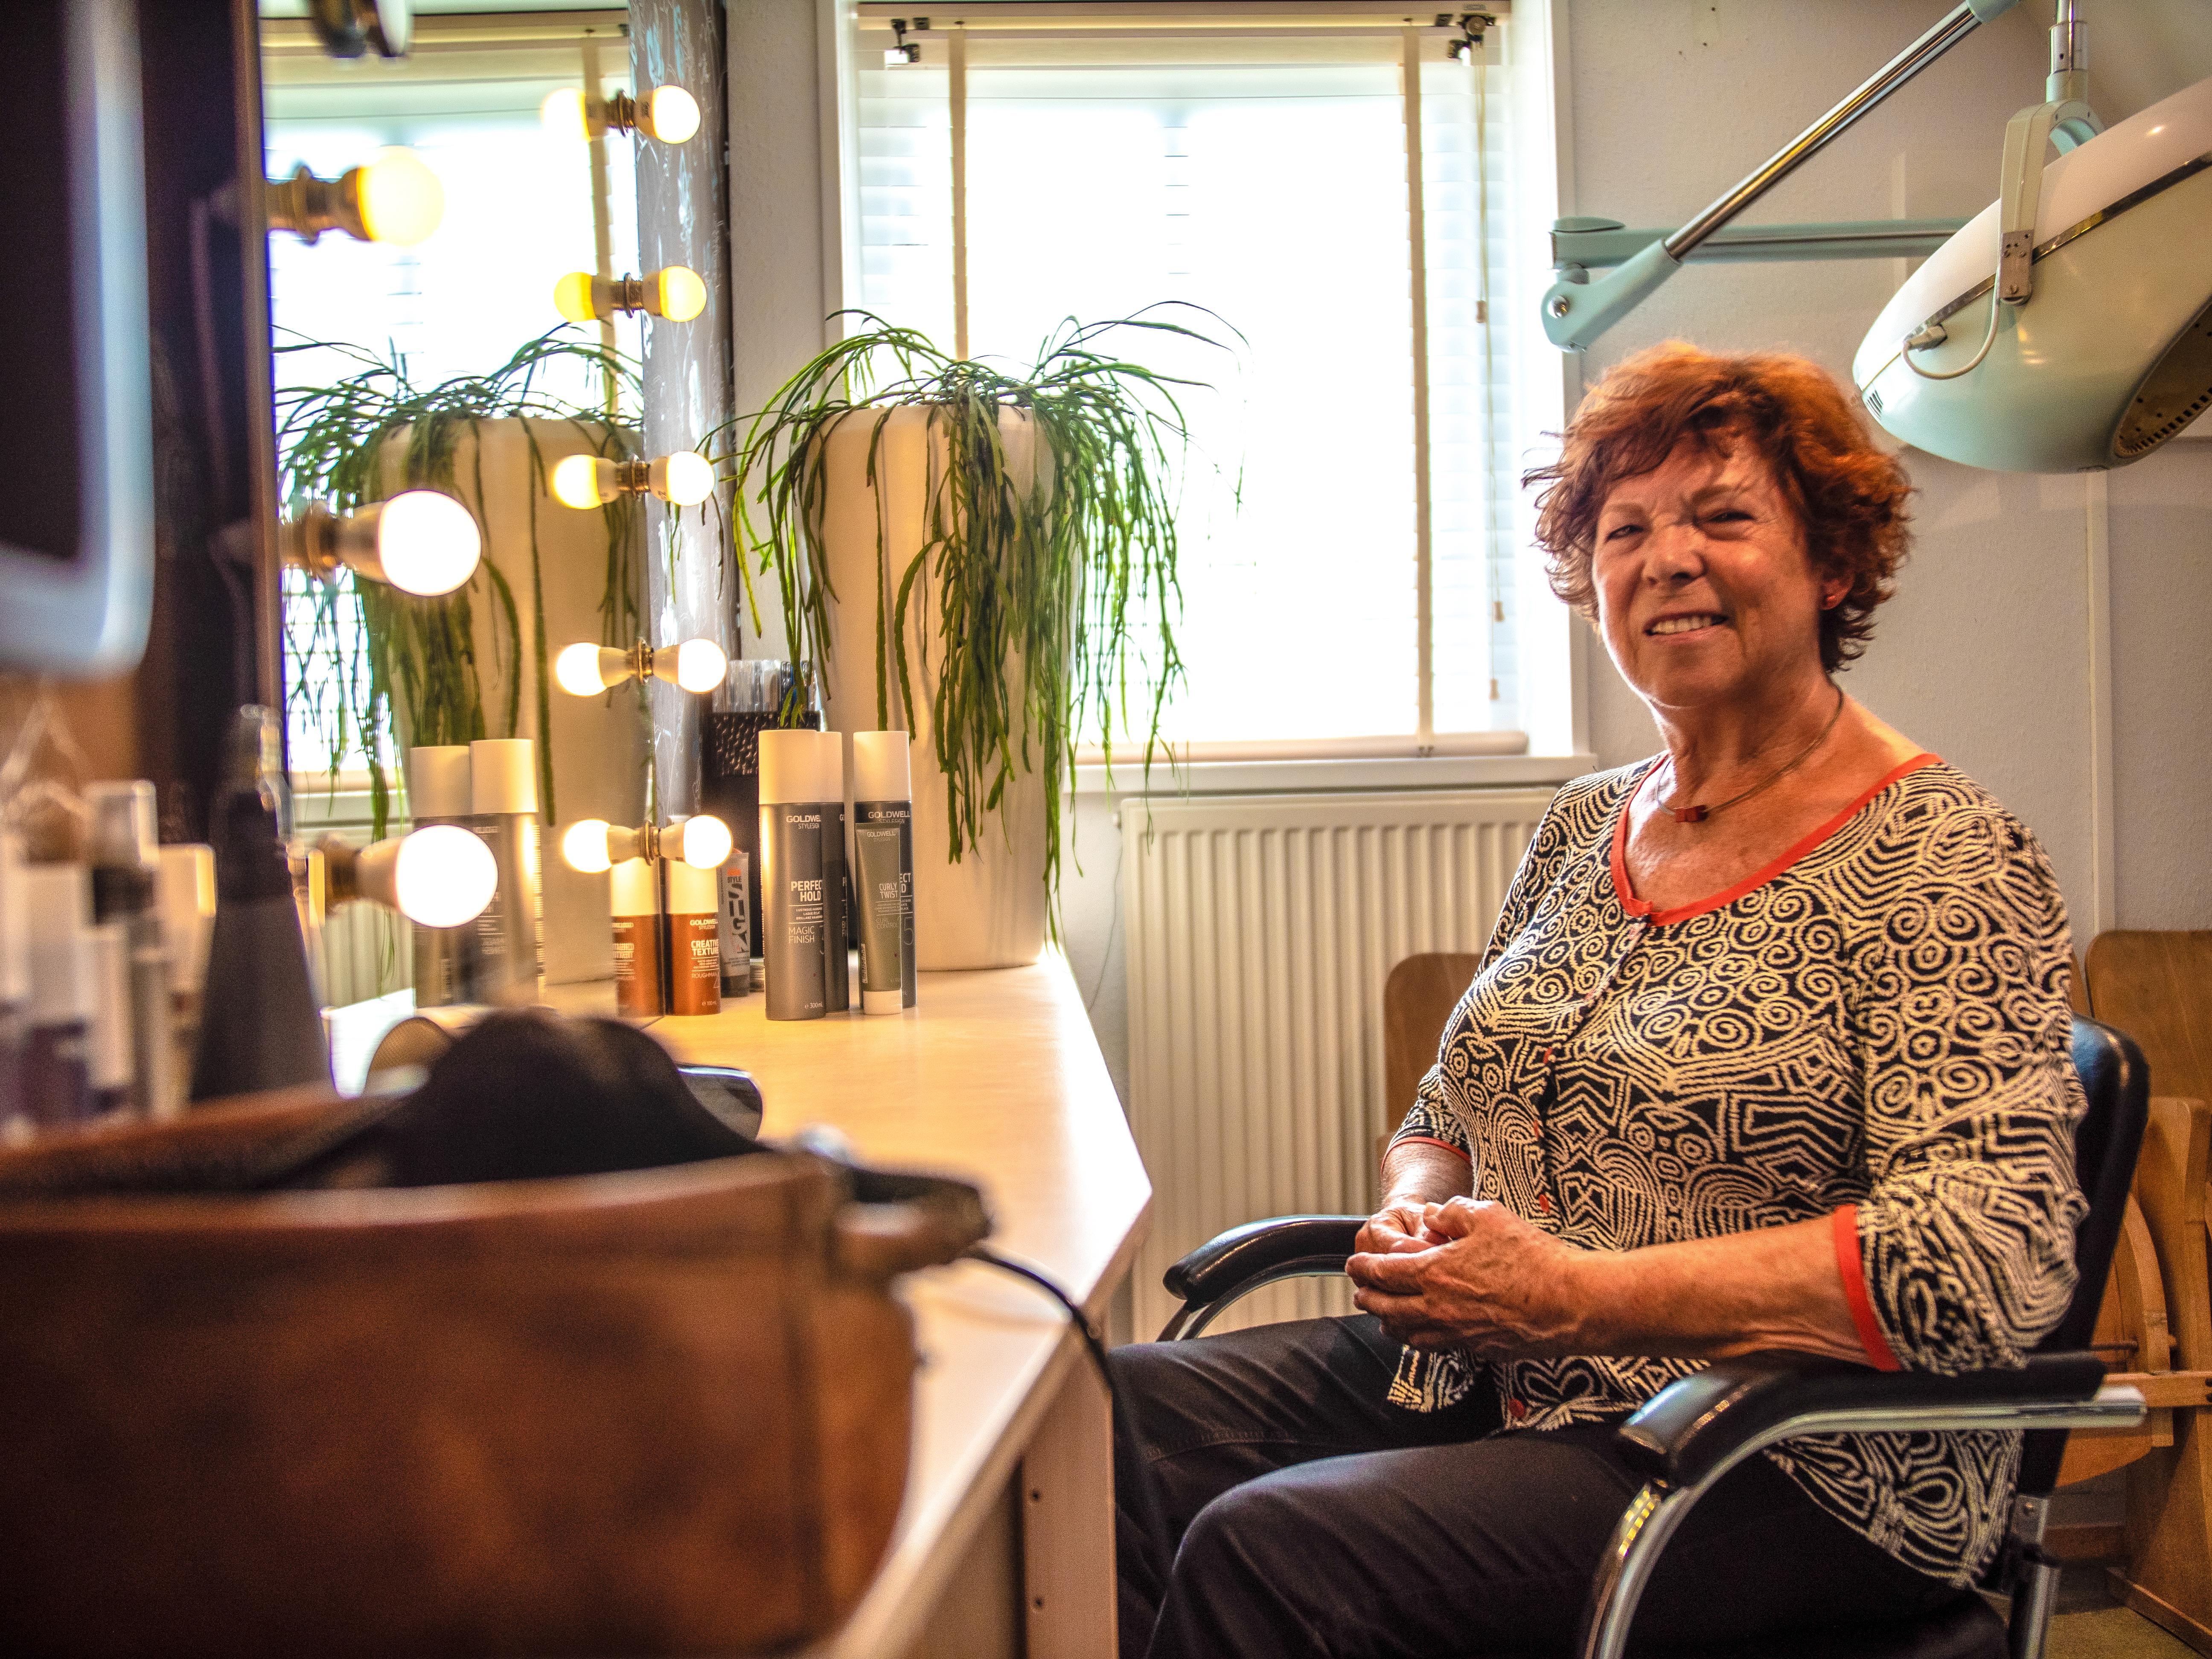 Els had zulk makkelijk haar, dus werd ze gevraagd als examenmodel, nu knipt ze al 52 jaar mensen